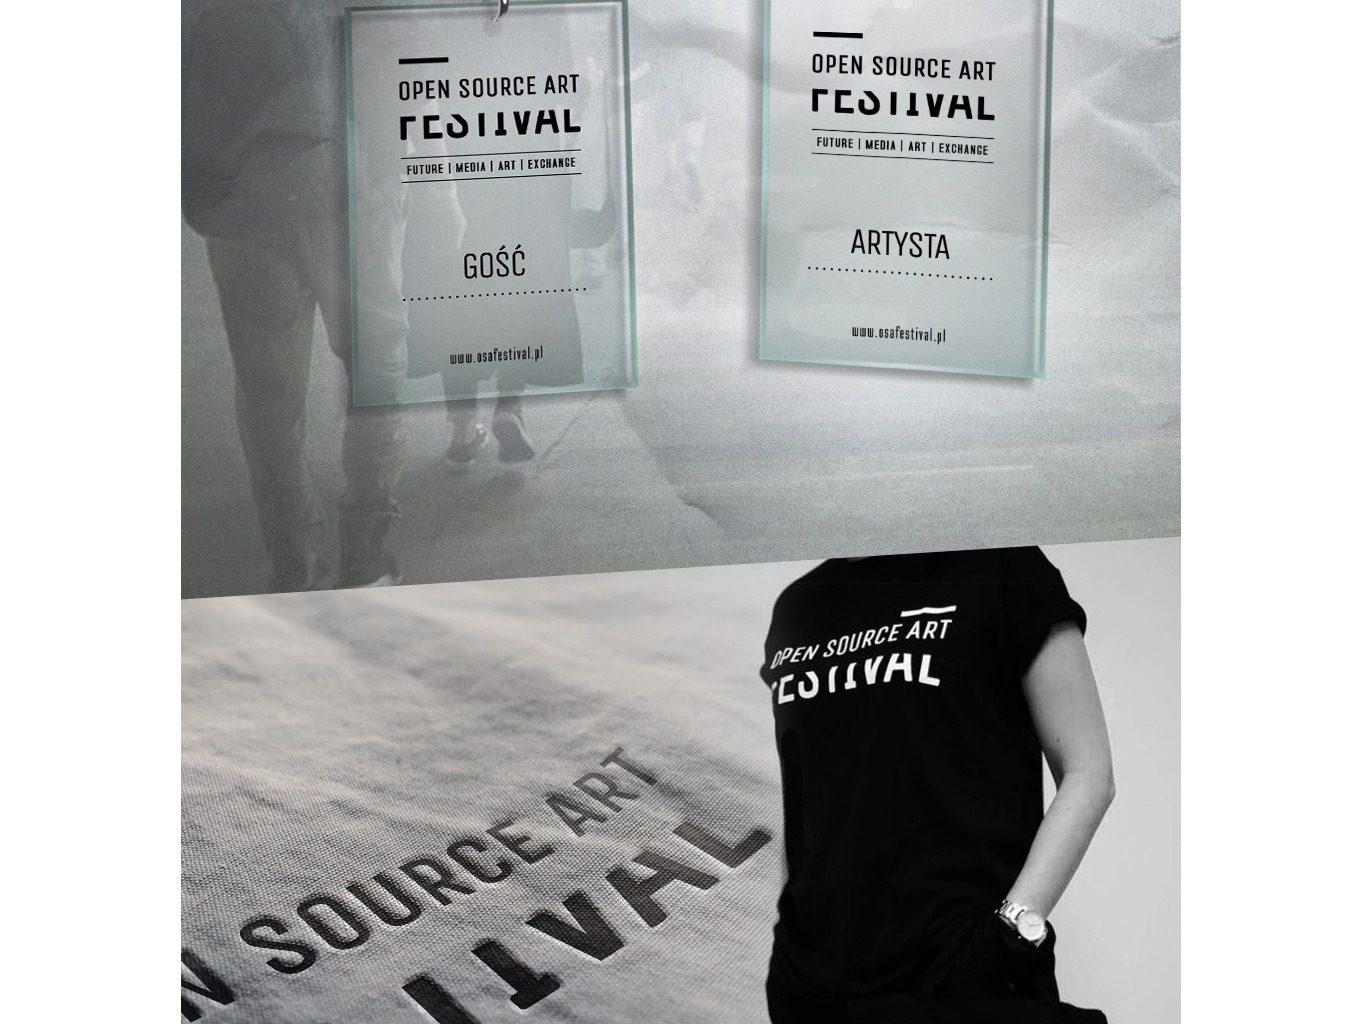 Open Source Art Festival 2